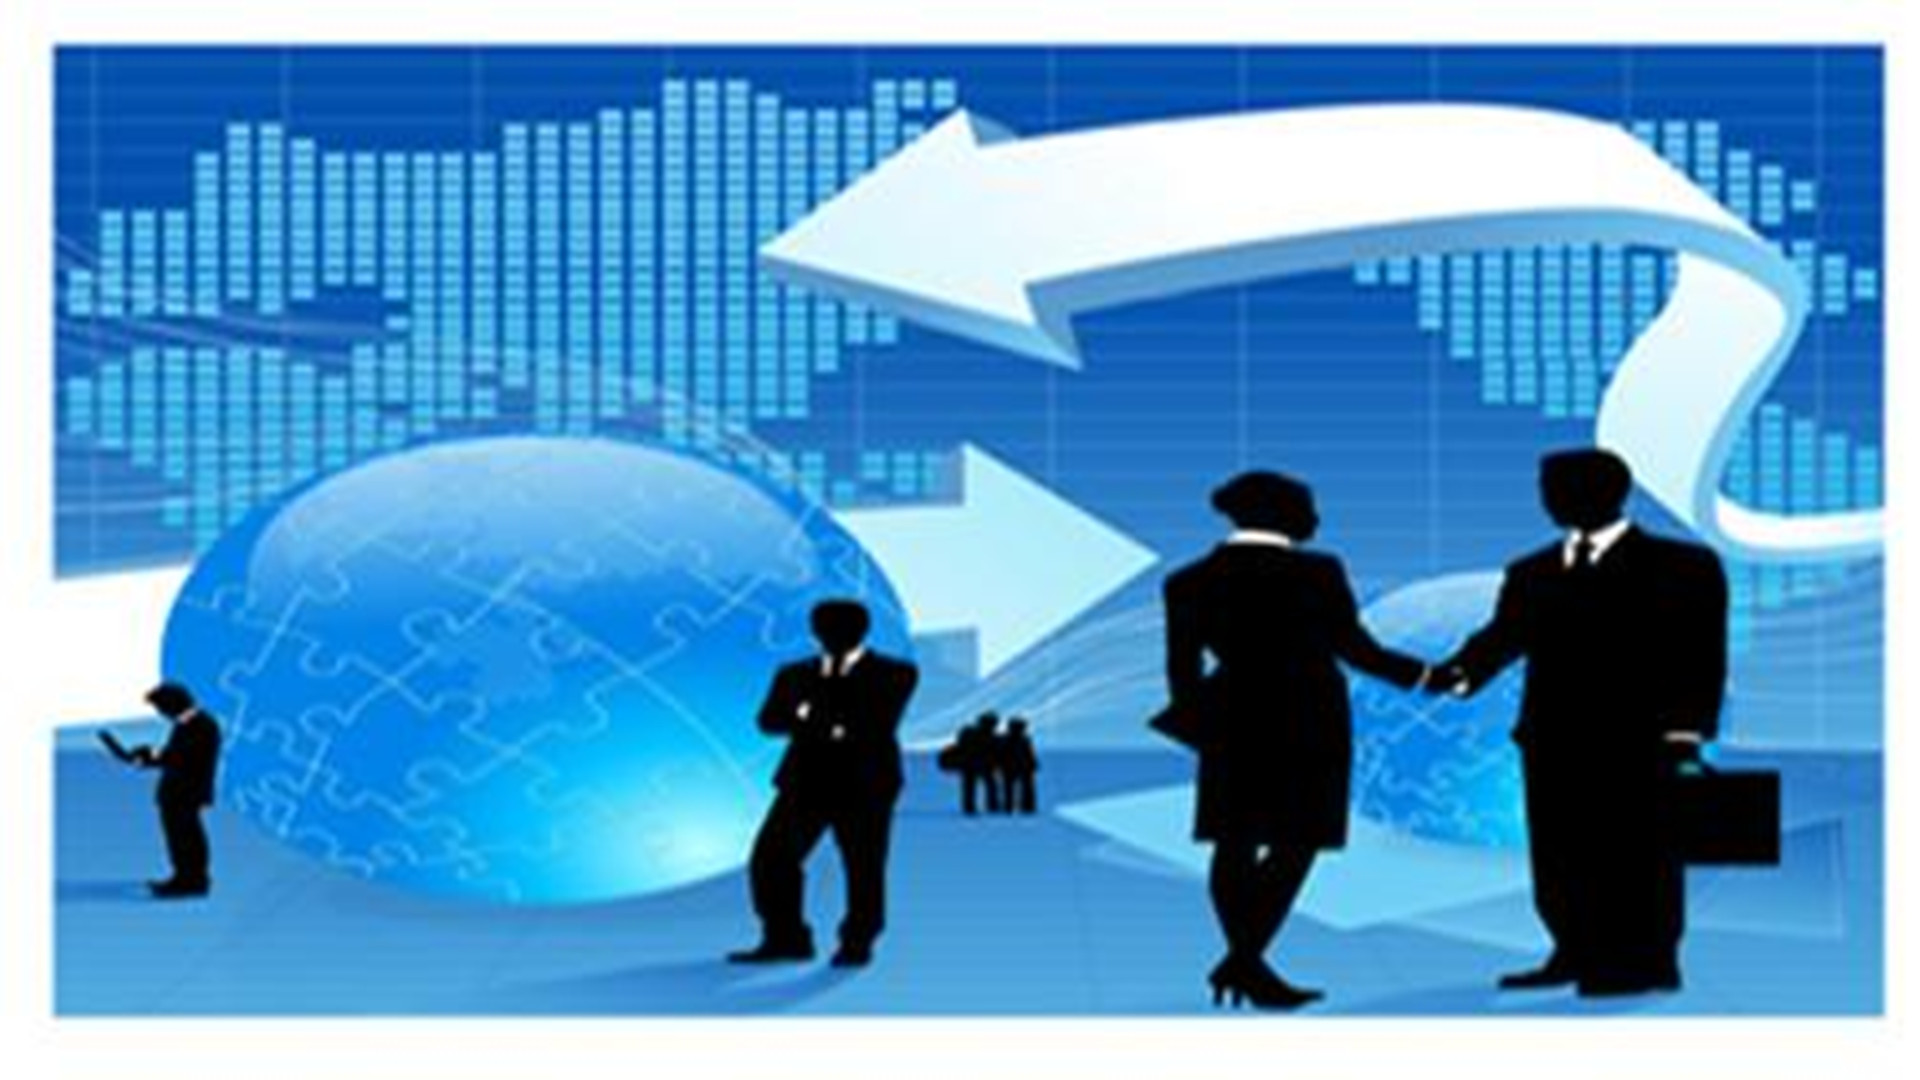 科技带动企业发展 质量促进产业腾飞